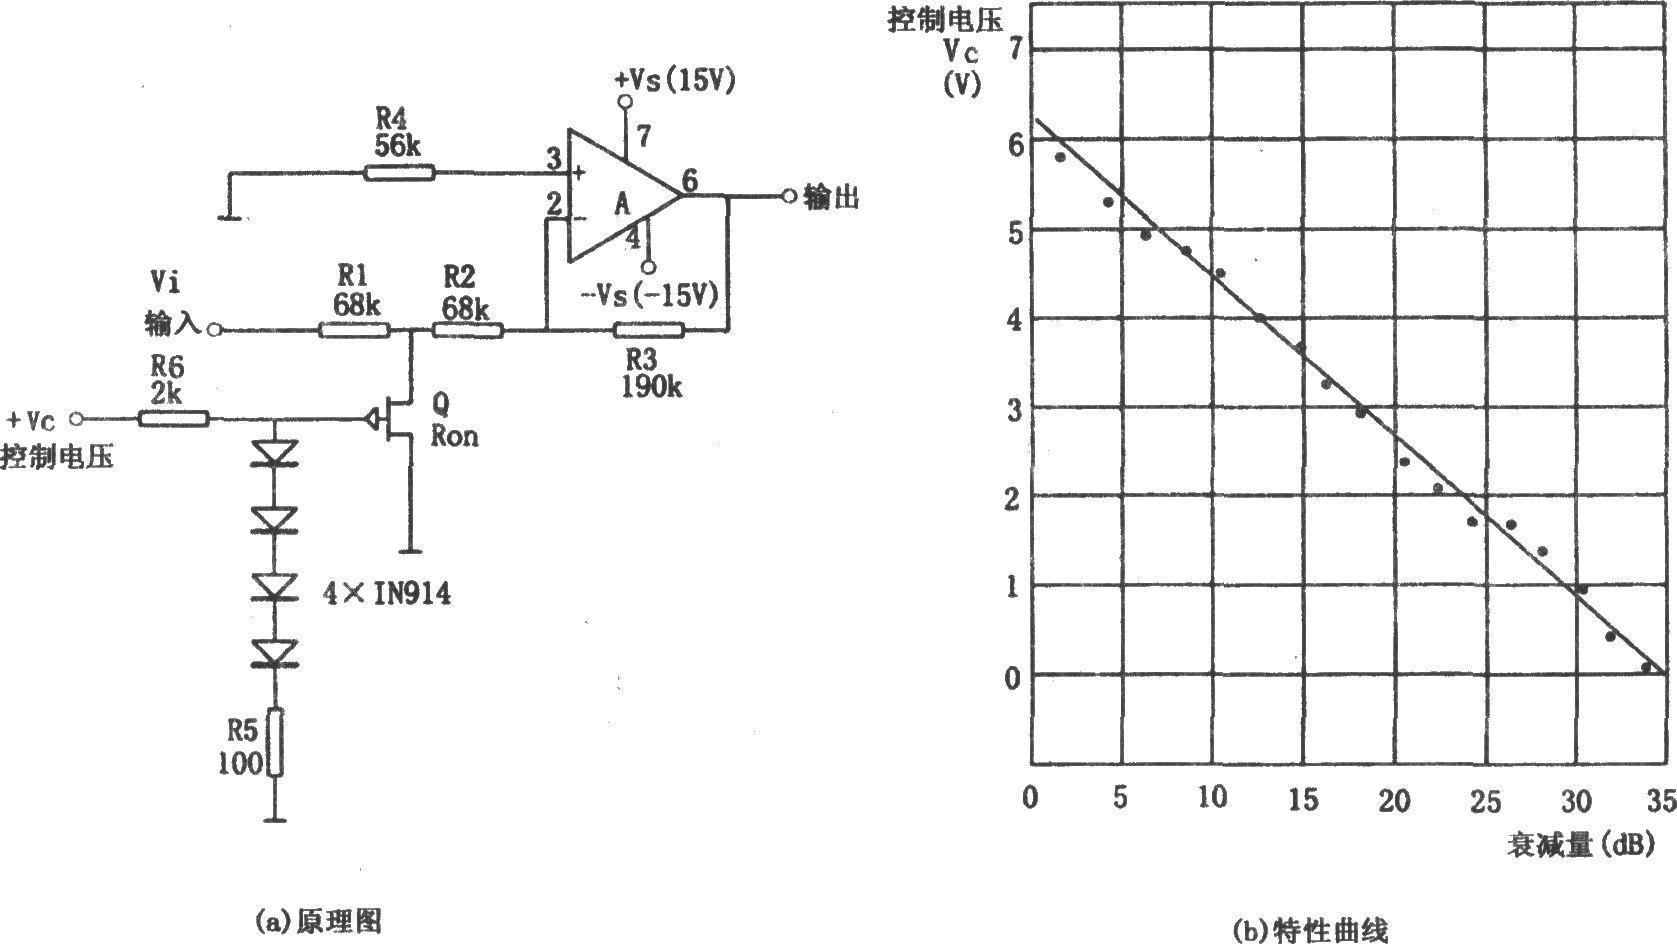 如图所示为压控增益放大电路。利用场效应管栅极电压与漏-源极电阻RSD之间成近似对数关系可构成压控增益放大器。该电路采用集成芯片LM307作为放大电路,采取反相输入形式。由图(a)可知,RSD与R1组成分压电路(对Vi分压)。4个1N914二极管的管压降与电阻R5的压降之和等于场效应管的栅极电压VG。该VG与控制电压VC呈非线性关系,但控制电压VC与放大器增益的衰减量的对应关系如图(b)所示。由图(b)可知,控制电压VC越大,放大器增益的衰减量越小,即当VC7V时,放大器的增益最大(衰减最小);当VC=0